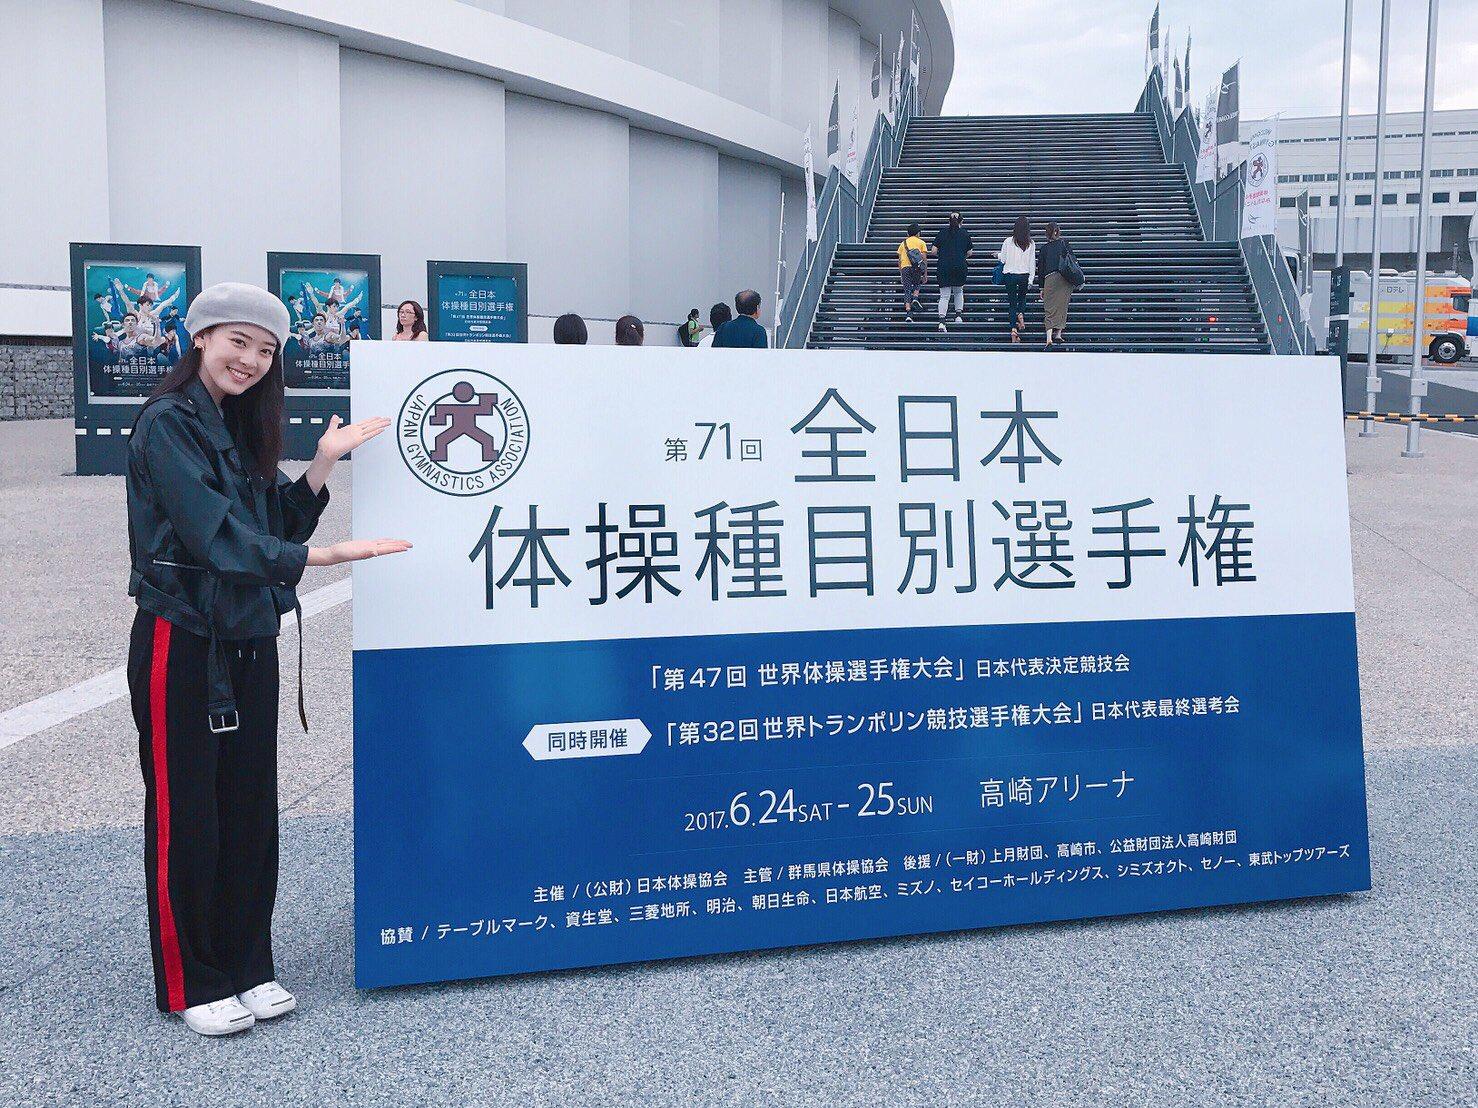 全日本体操種目別選手権の水上京香